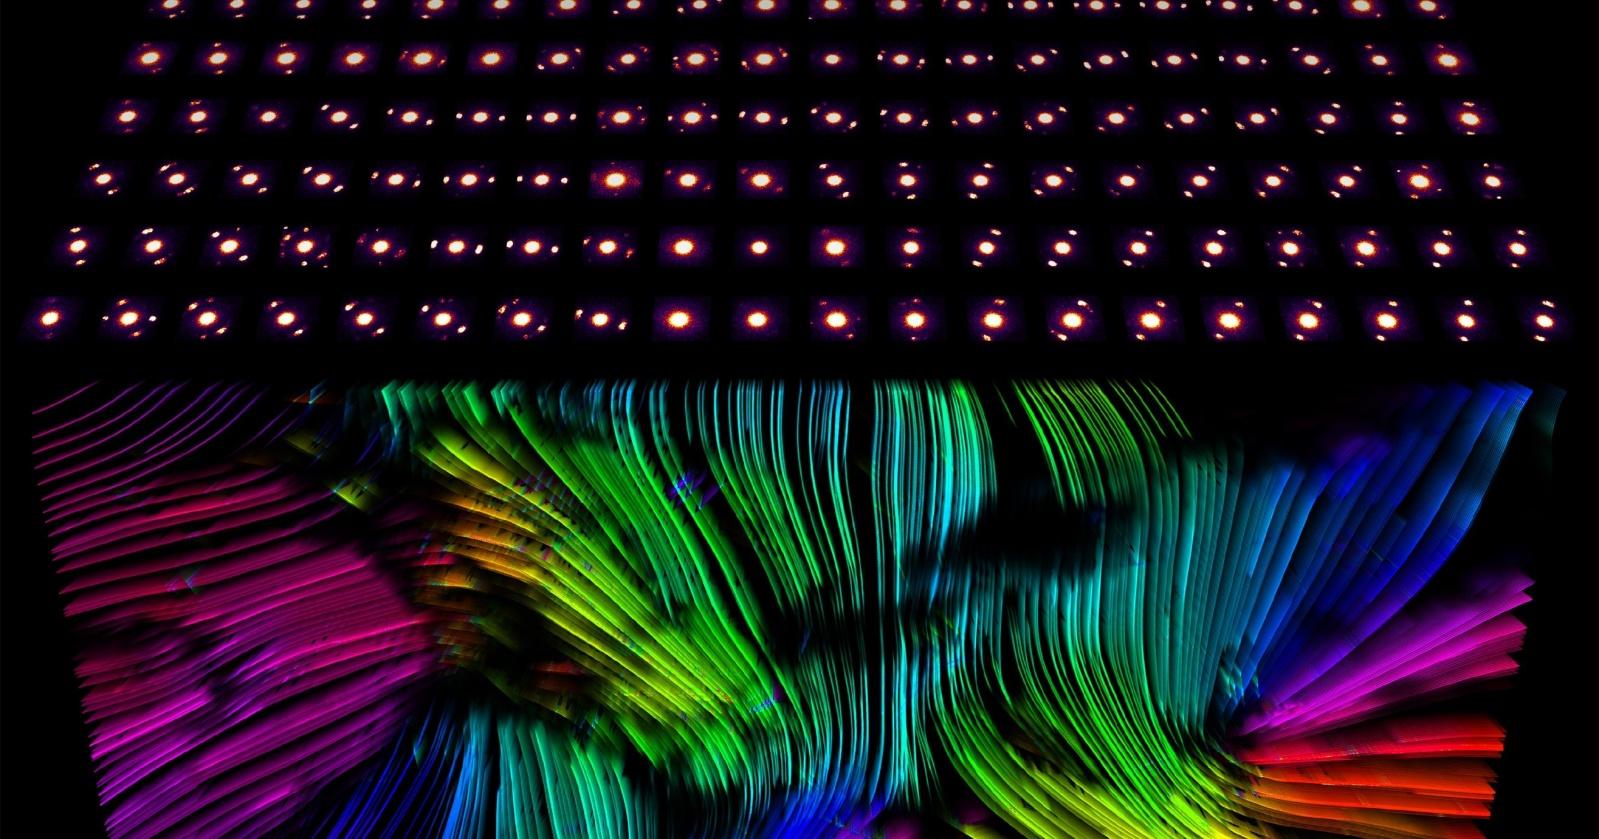 Потрясающие снимки атомов, сделанные 4D-микроскопом: взгляд изнутри